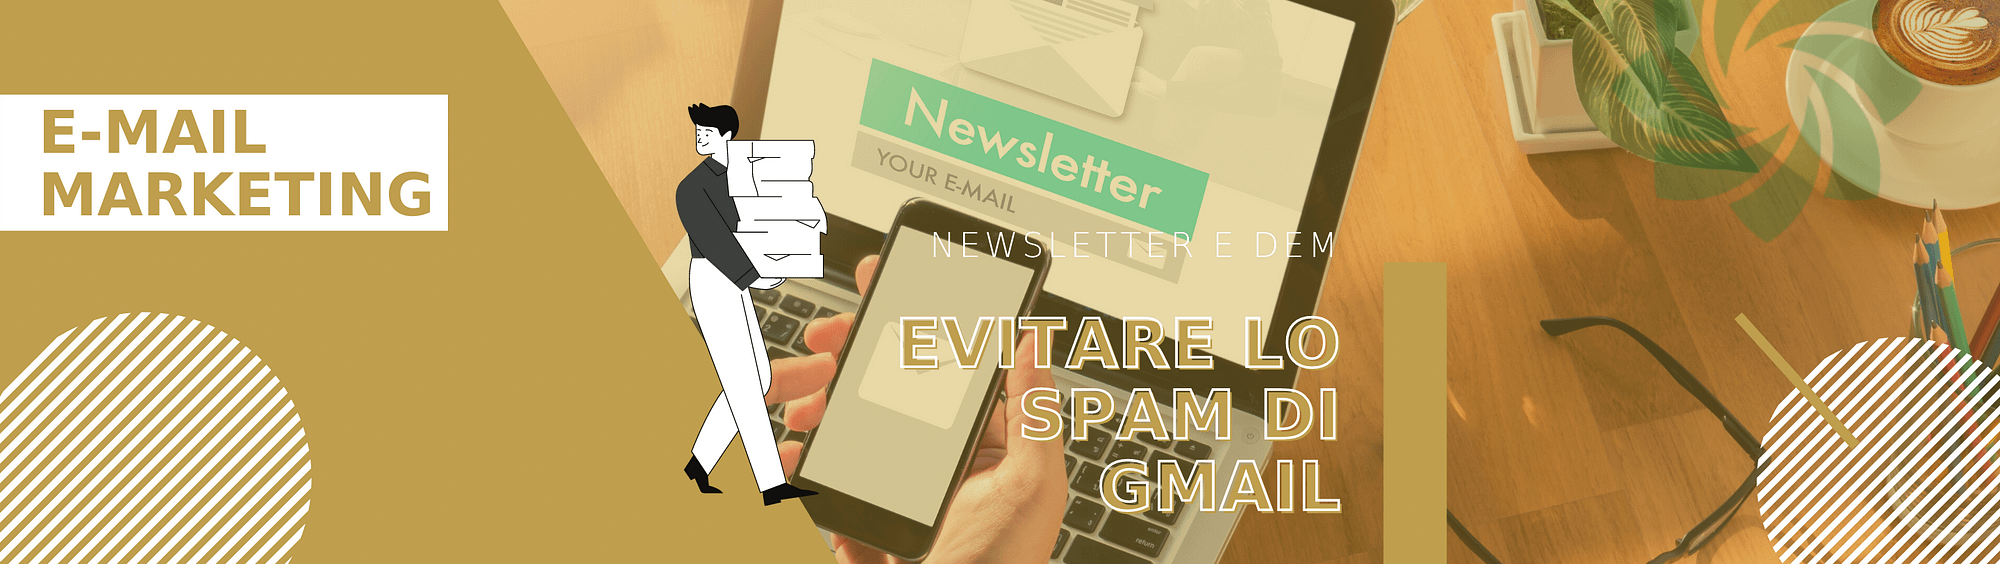 spam-gmail-evitare